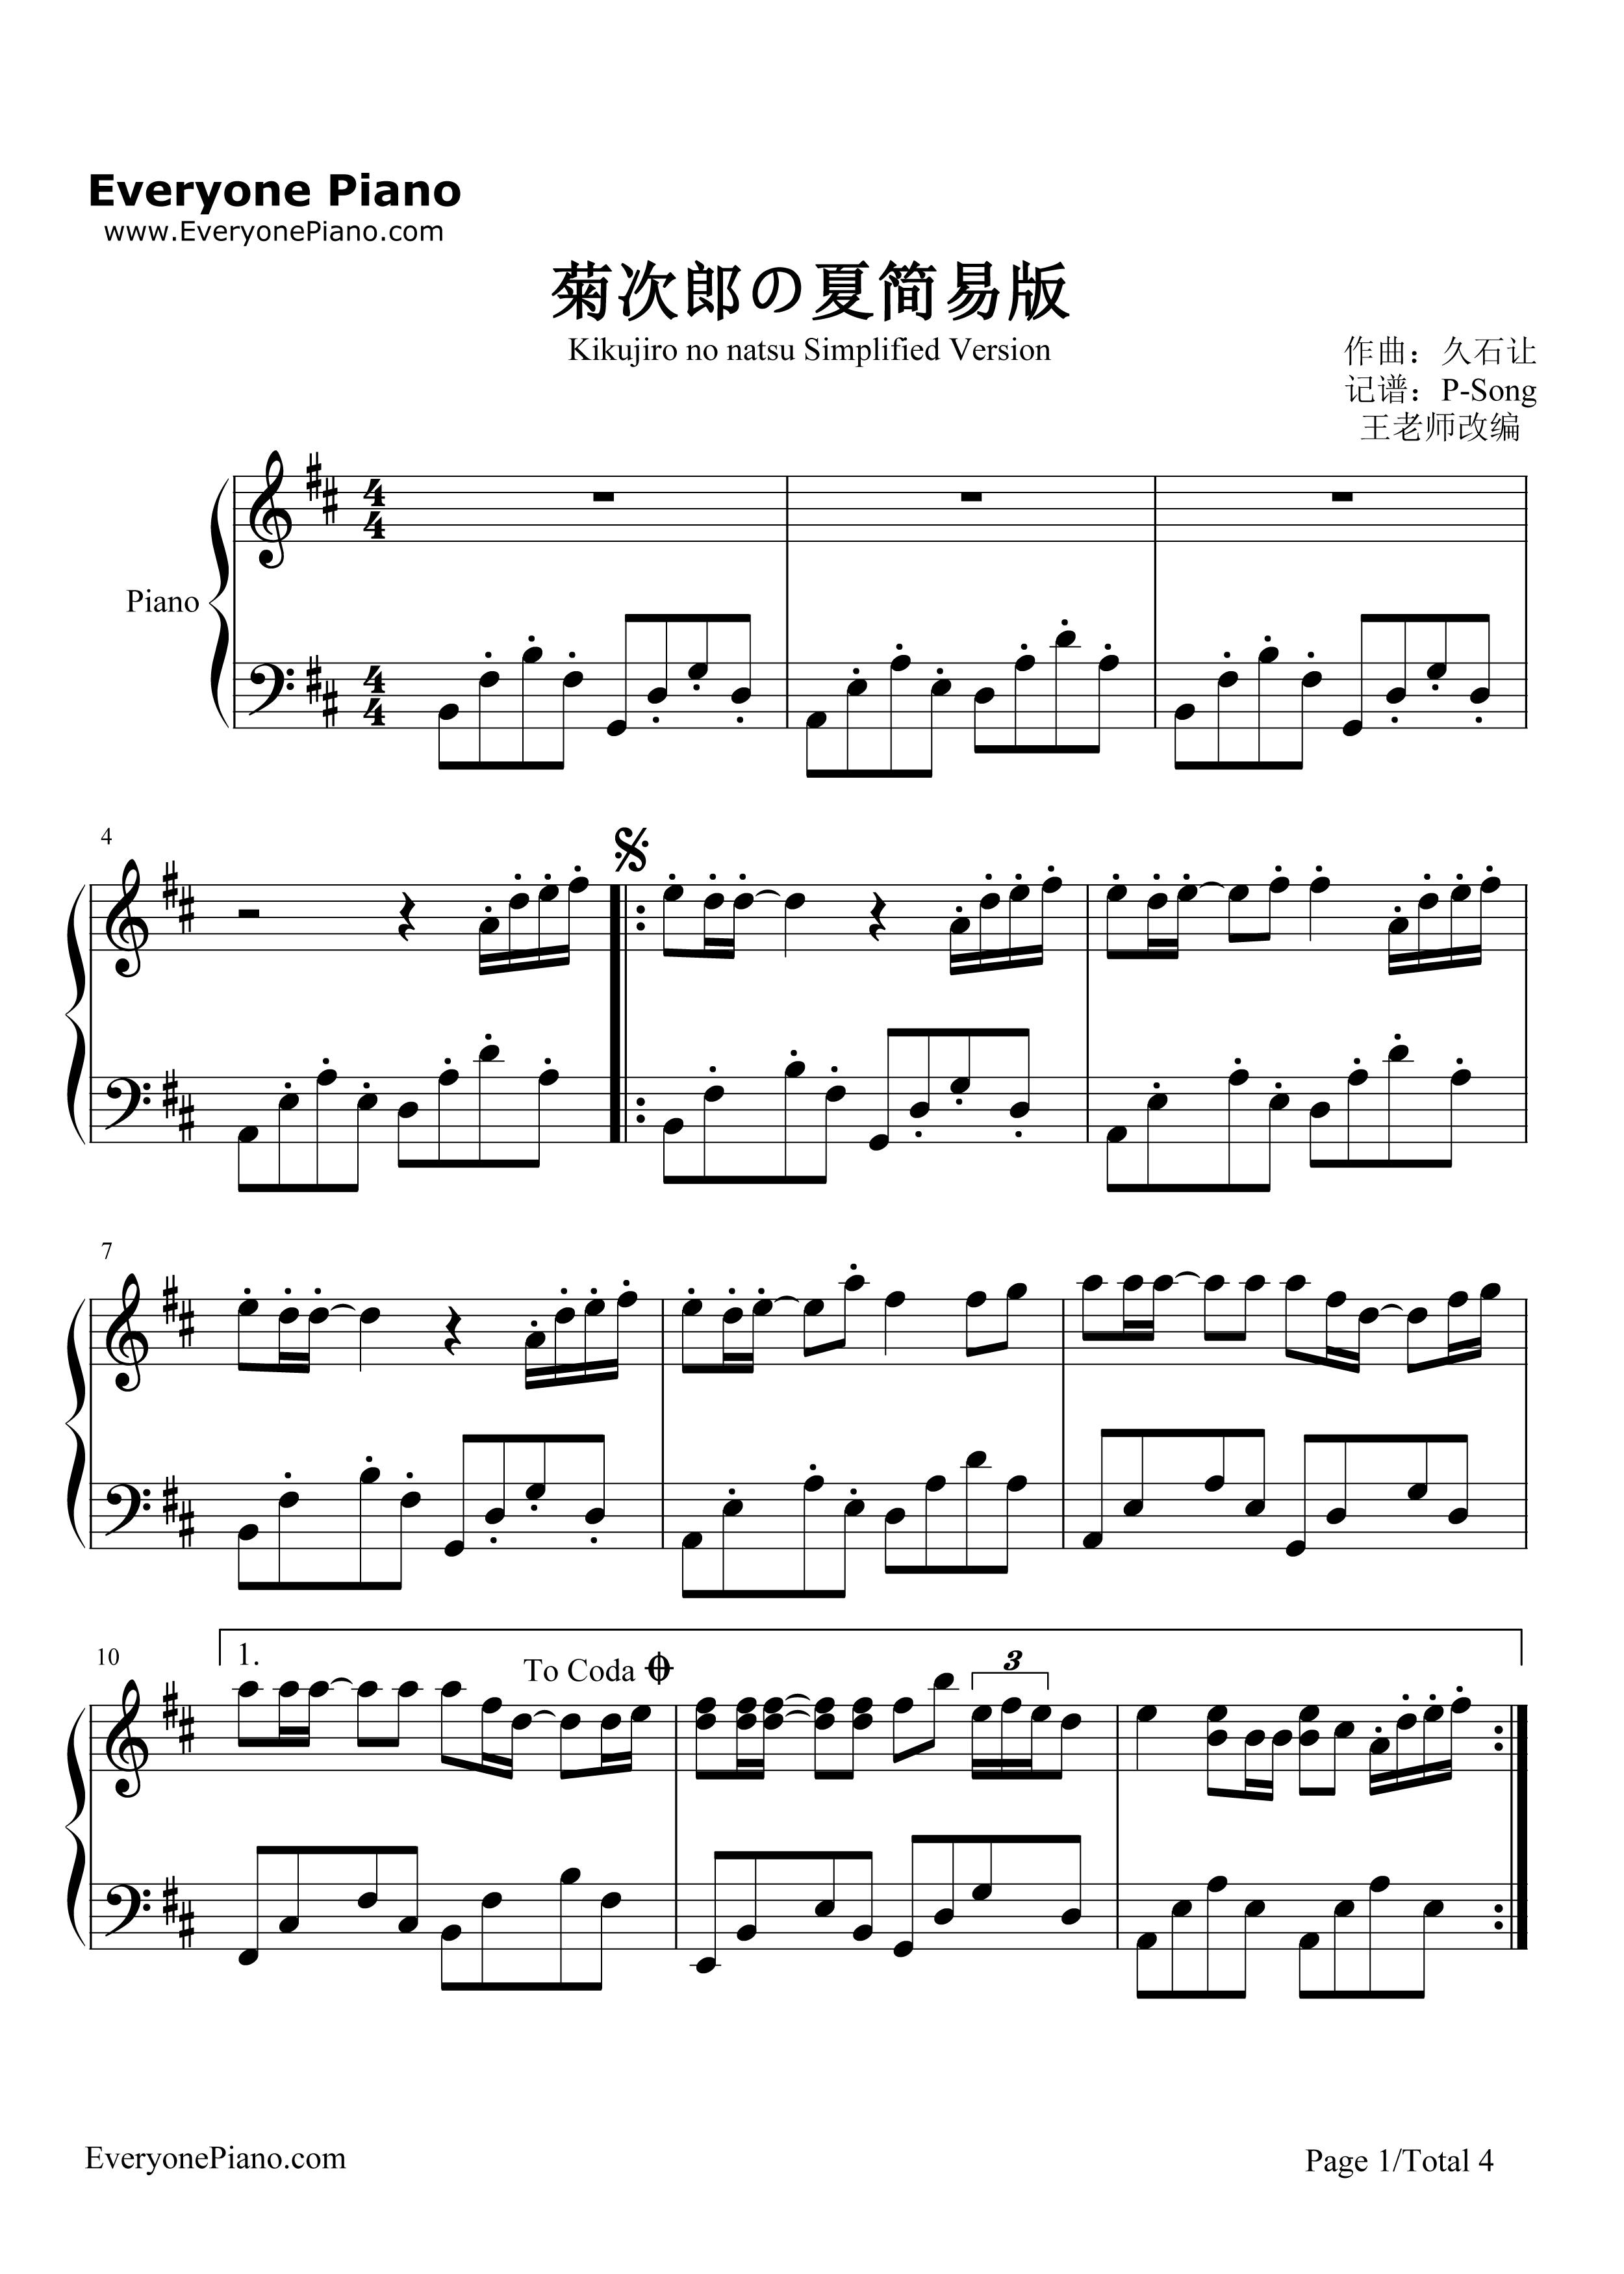 钢琴曲谱 经典 (980x1269); 菊次郎的夏天钢琴简谱图片分享下载; 菊次